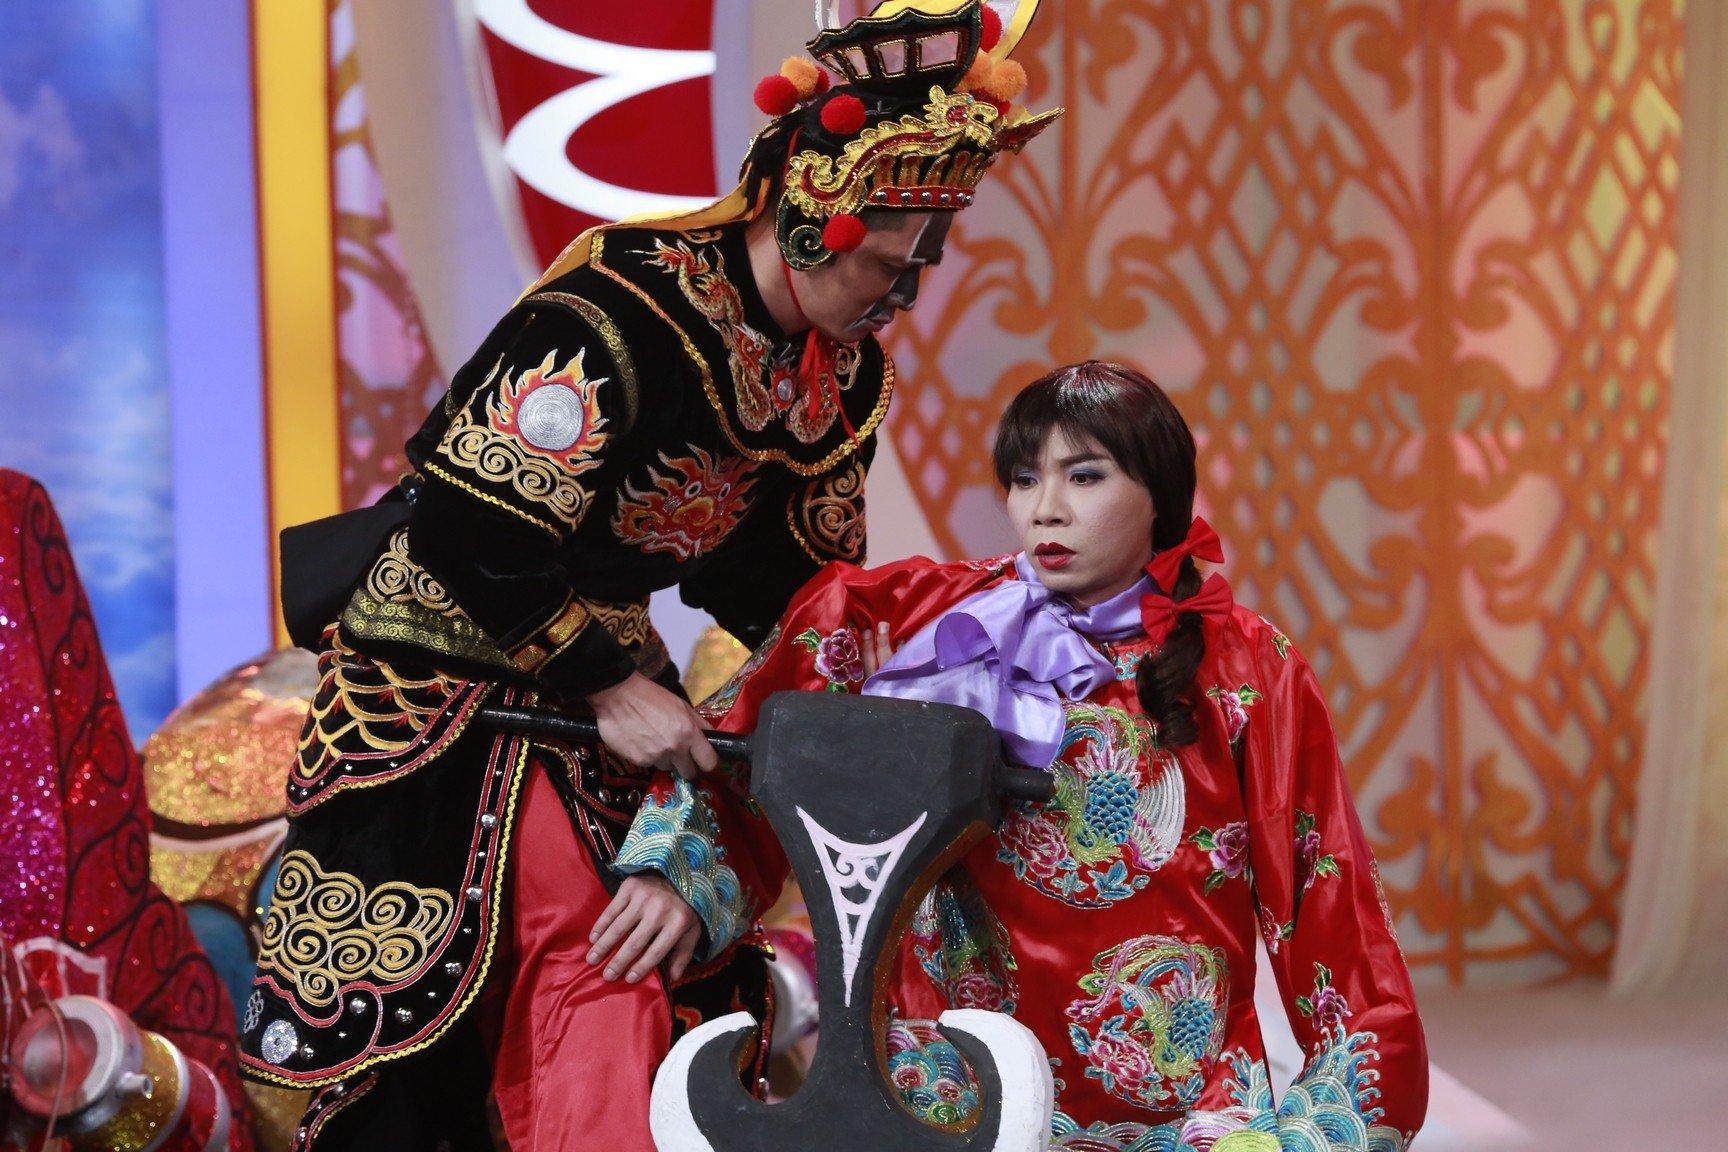 Hanh trinh nhan sac cua cap bai trung Nam Tao - Bac Dau trong 15 nam hinh anh 19